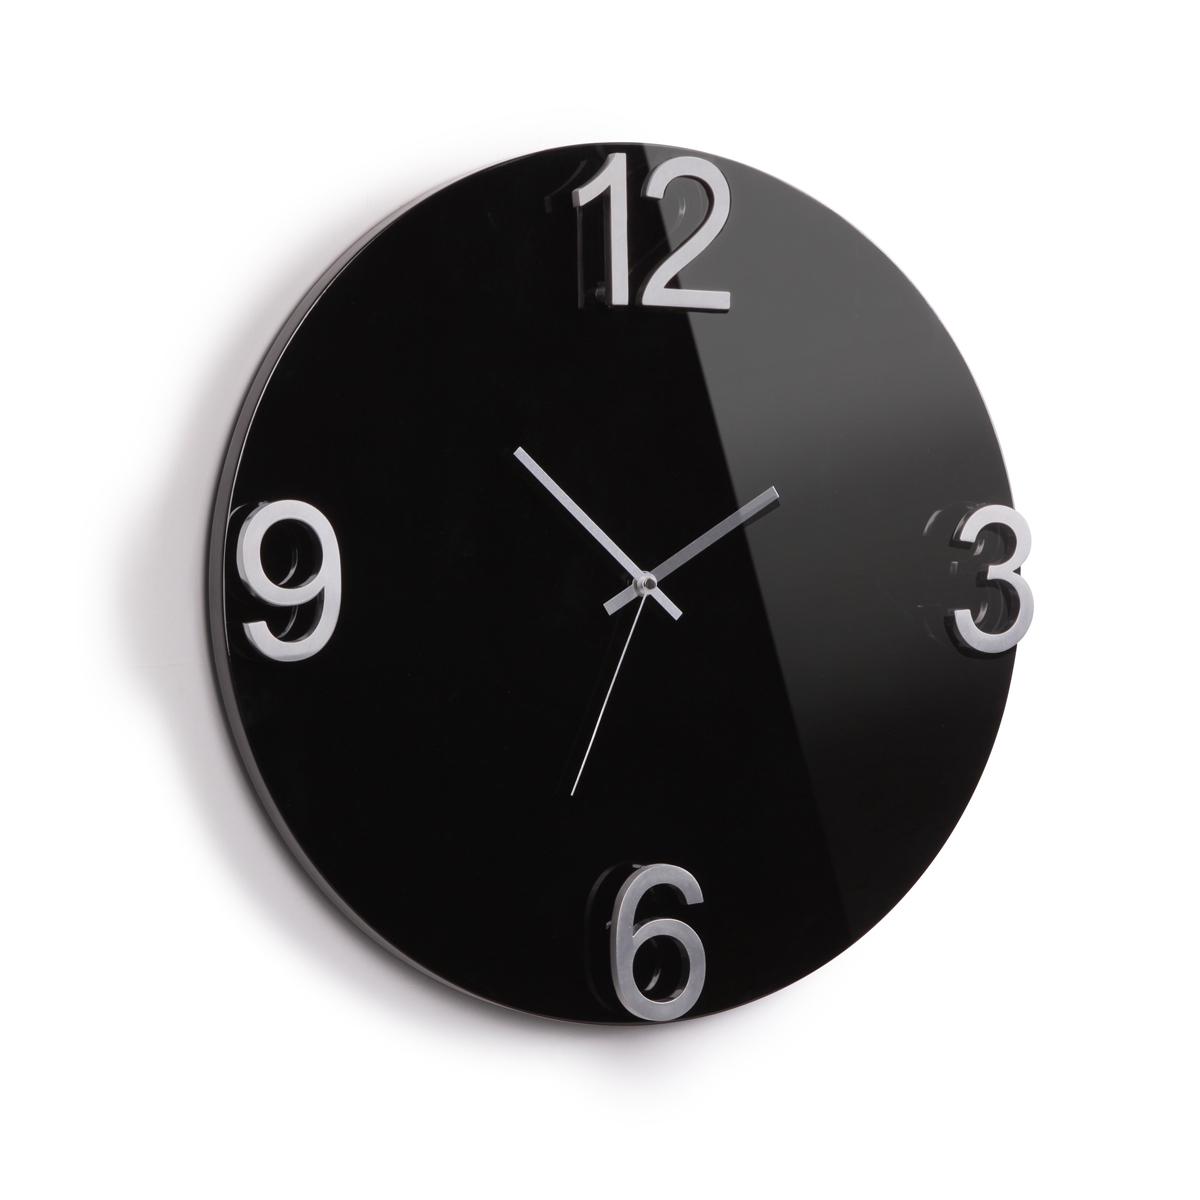 Часы настенные Umbra Elapse, цвет: черный118420-037Оригинальные настенные часы, выполненные в минималистском стиле.Основа из массива дерева с глянцевым покрытием и металлическими цифрами выглядит дорого и изысканно.Механизм работает при помощи 1 батарейки АА (батарейка в комплект не входит).